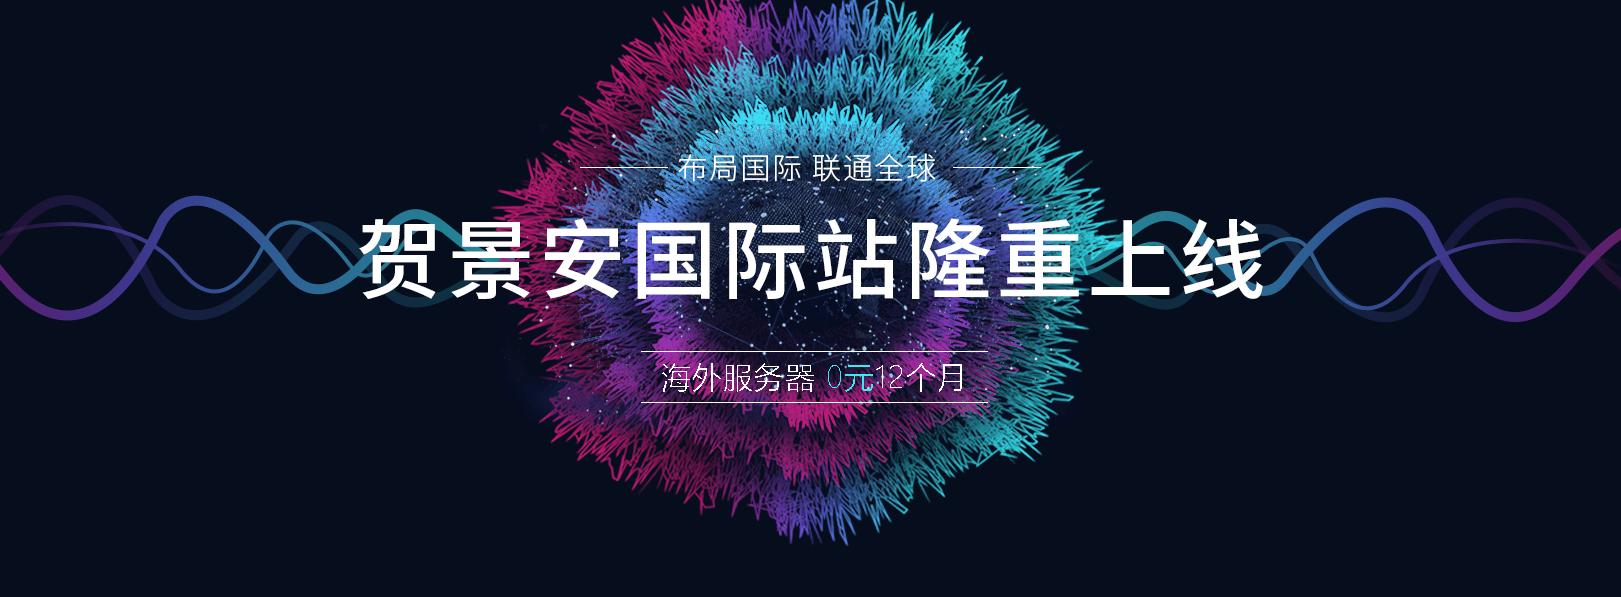 景安虚拟主机0元购,香港云服务器99元/年插图